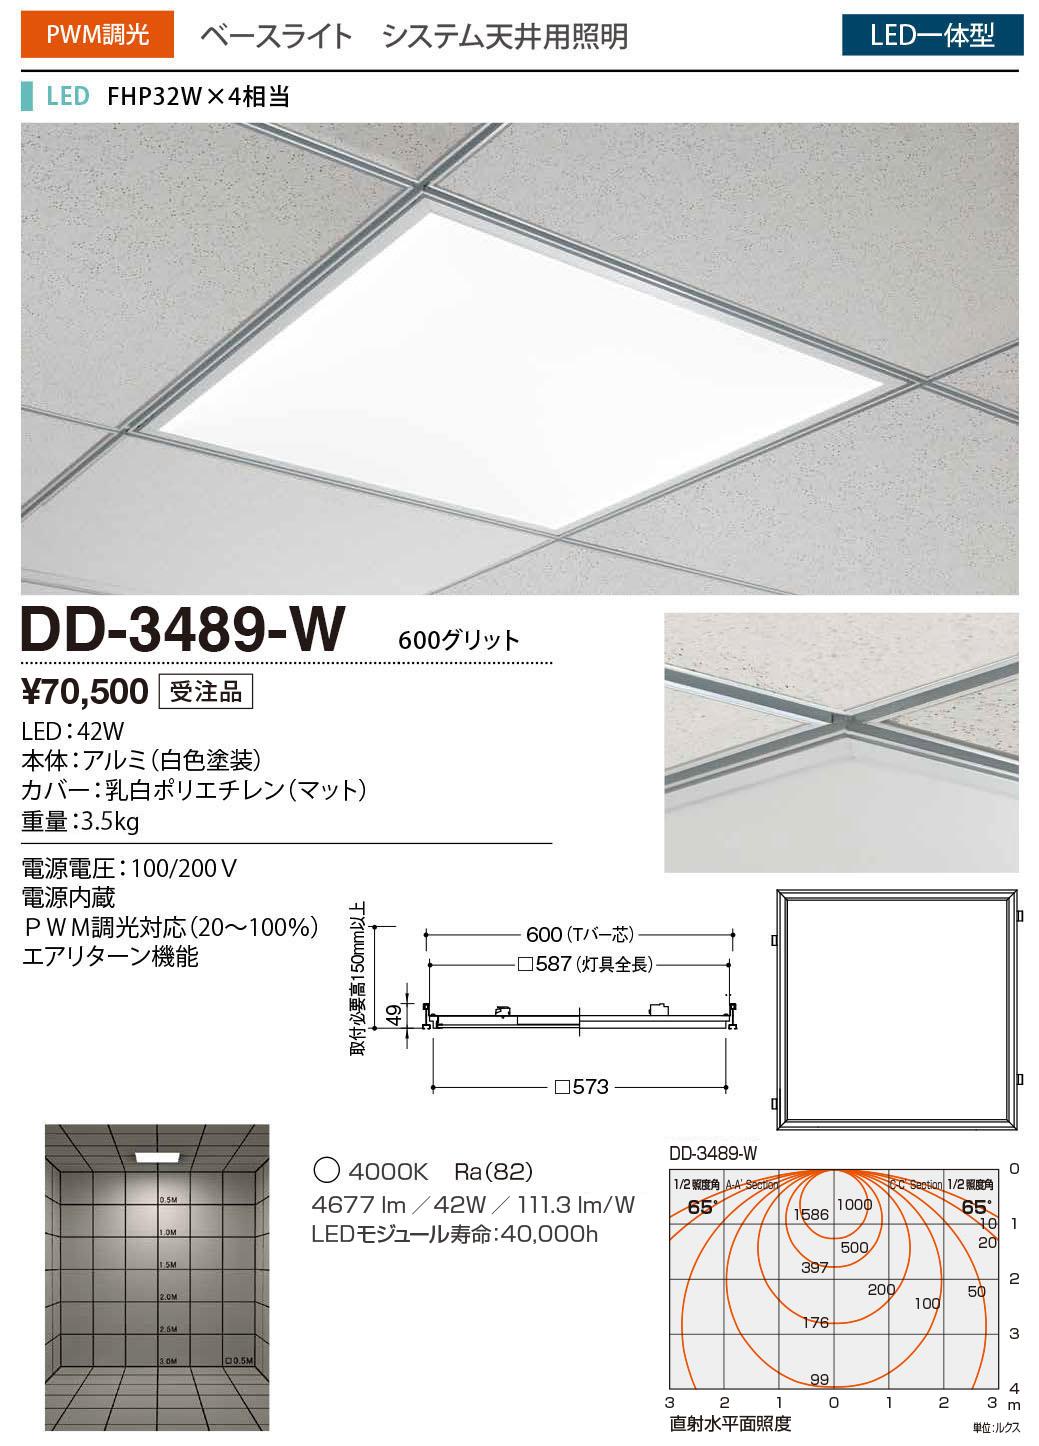 山田照明 照明器具LED一体型ベースライト カンファレンス-LGシステム天井用照明 □600グリット調光 FHP32W×4相当 白色DD-3489-W